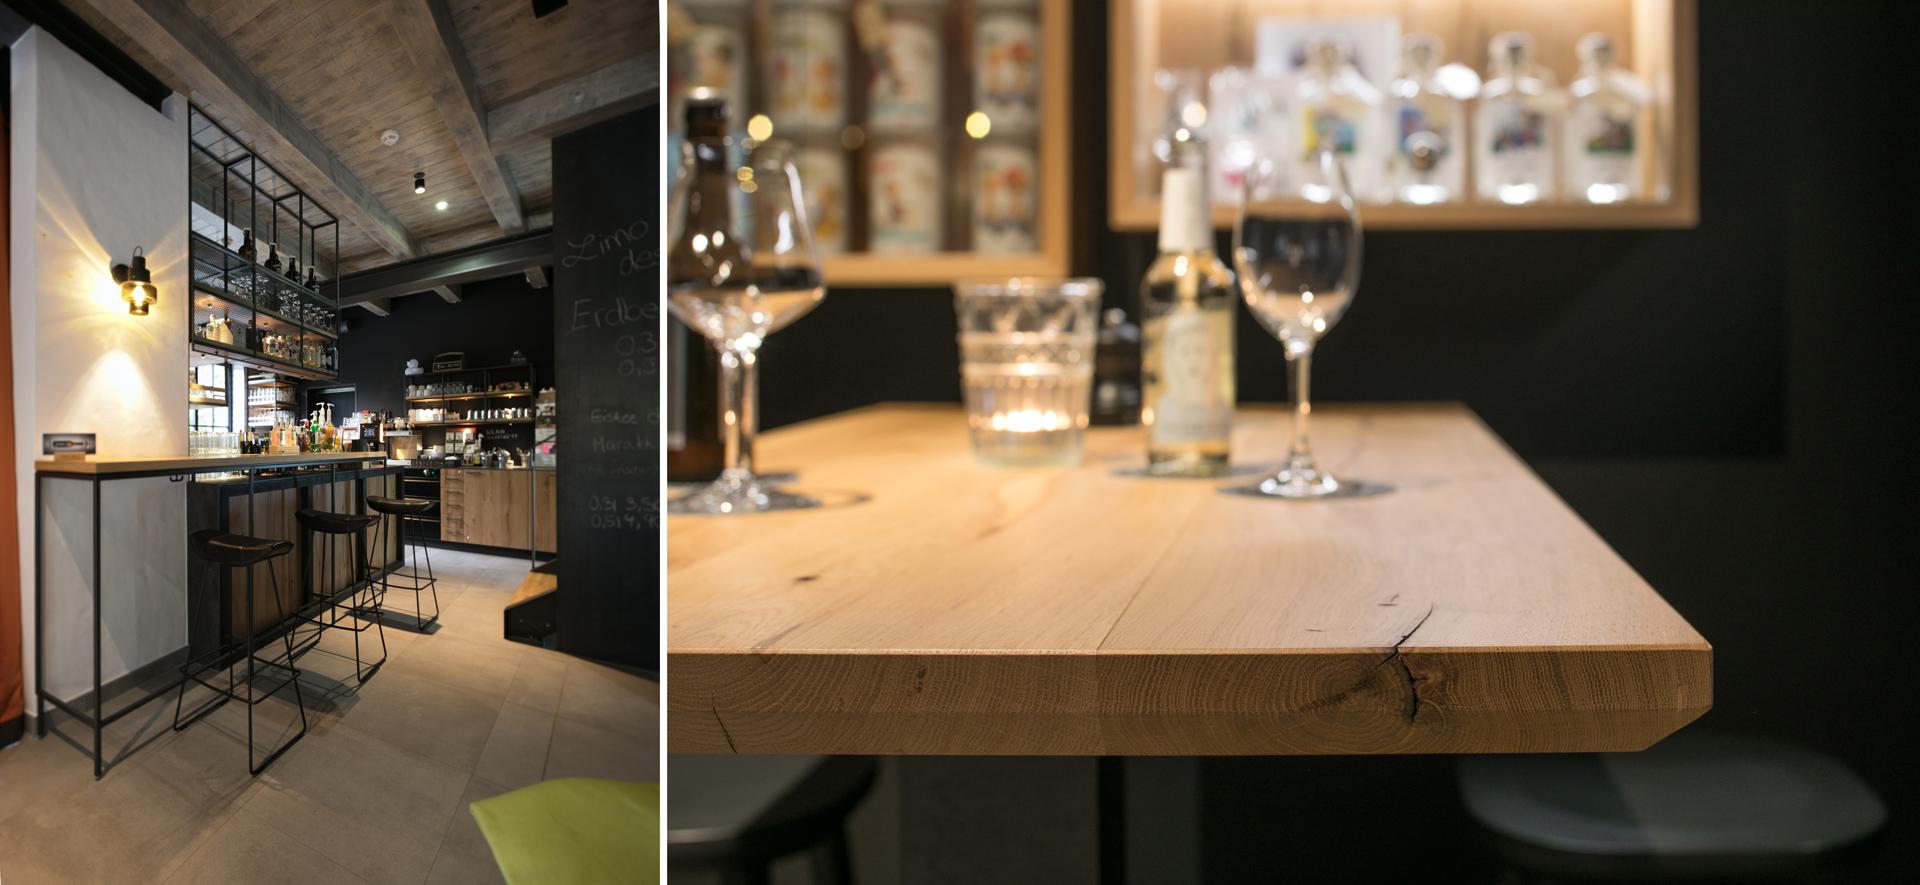 Das Restaurant Wilde Ente in Iserlohn